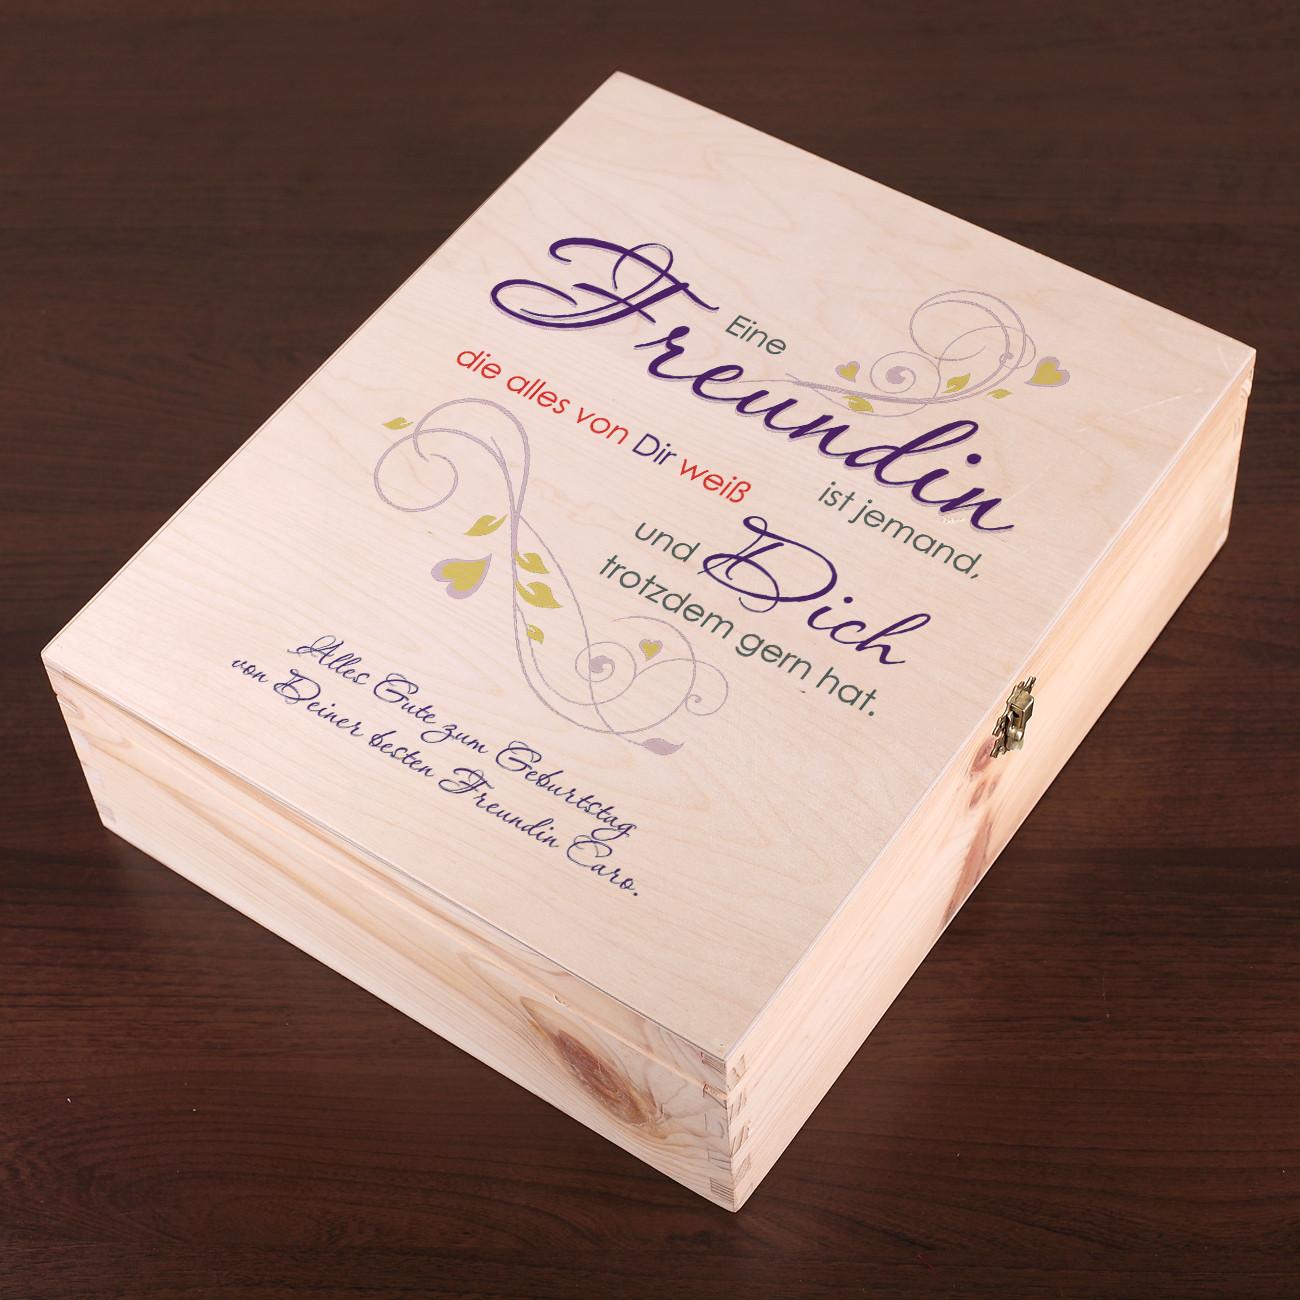 Gute Geburtstagsgeschenke Für Freundin  Geschenkverpackung aus Holz für beste Freundin